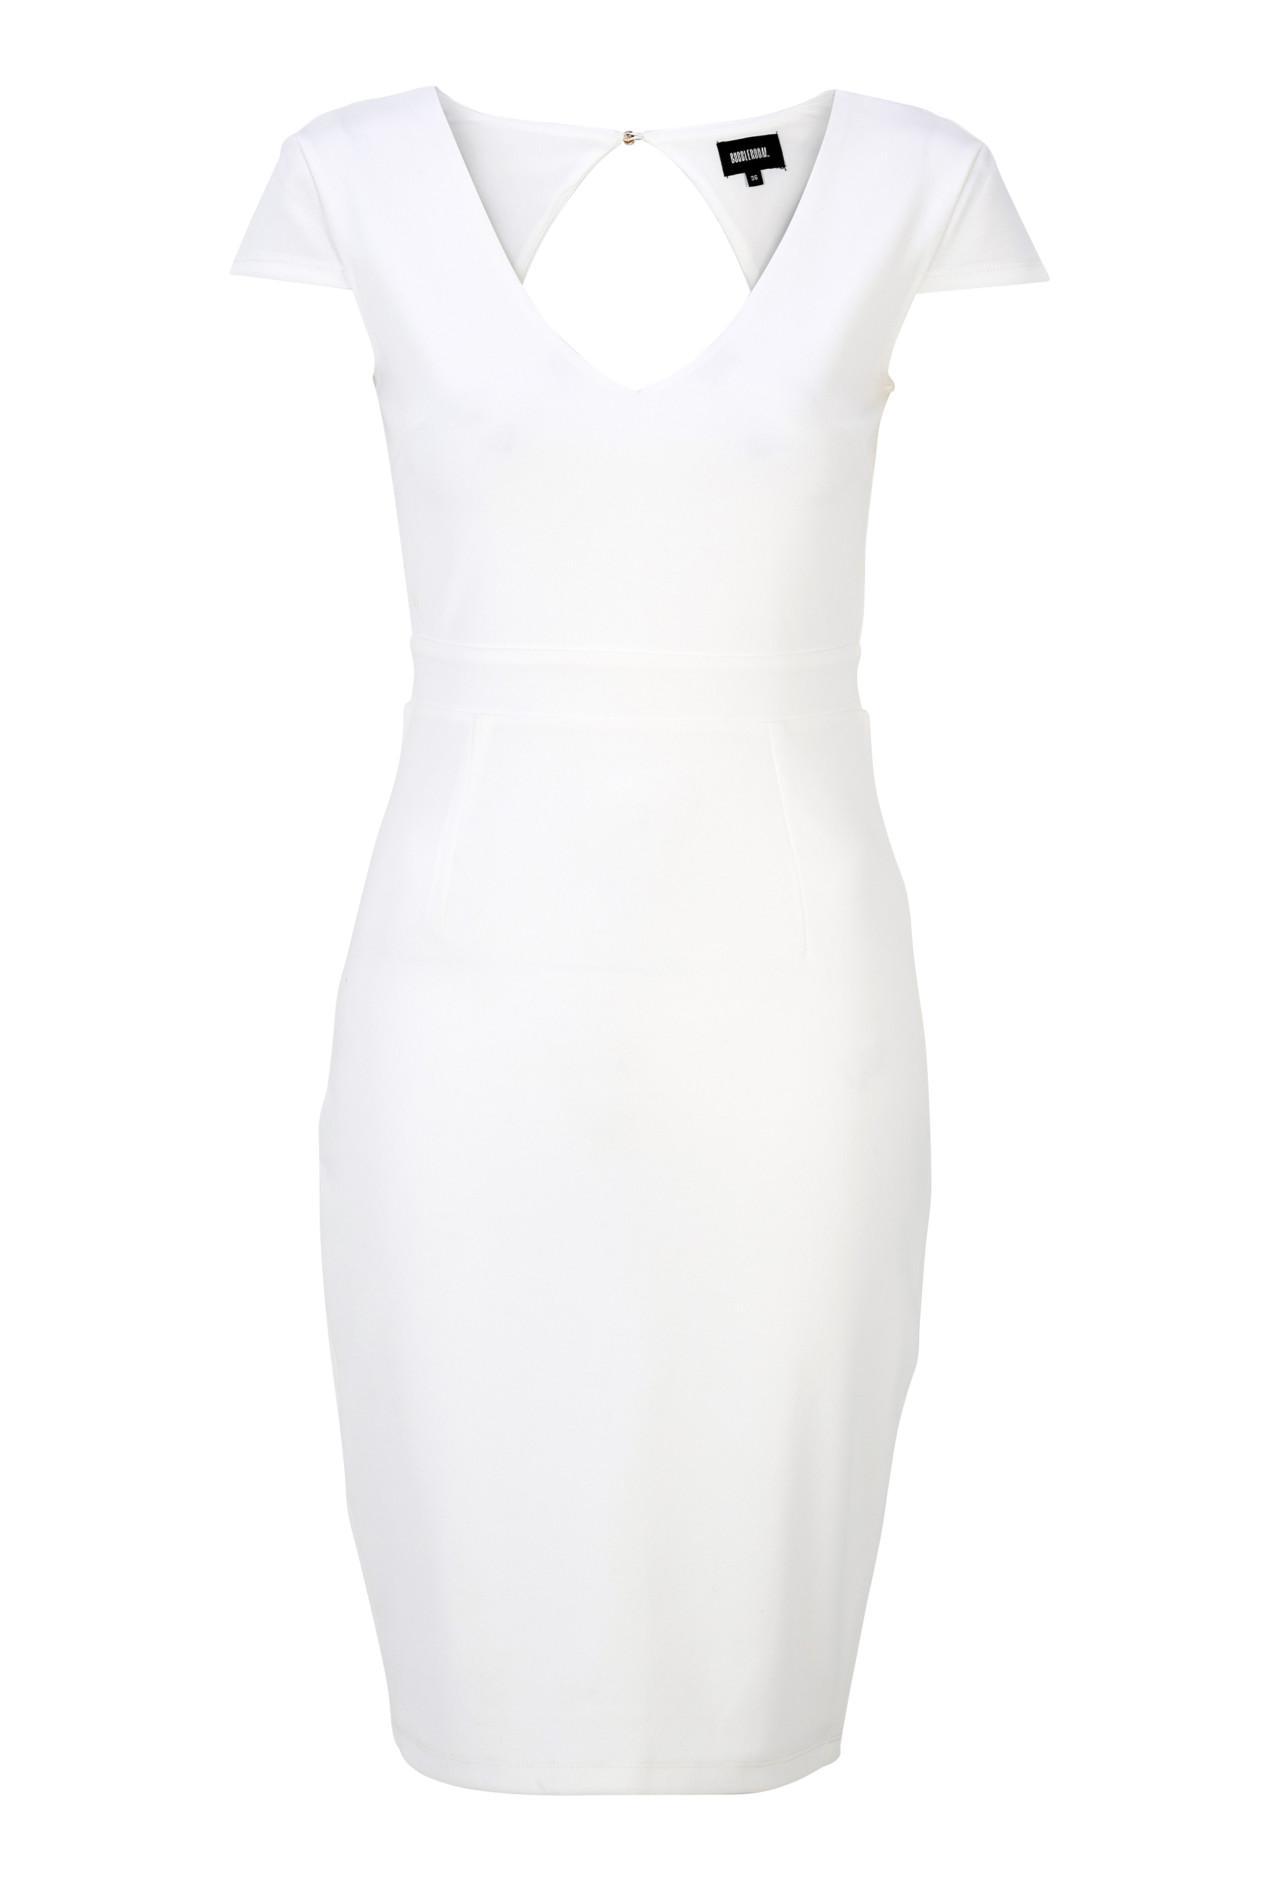 Vit tight spetsklänning 9572aea01663d